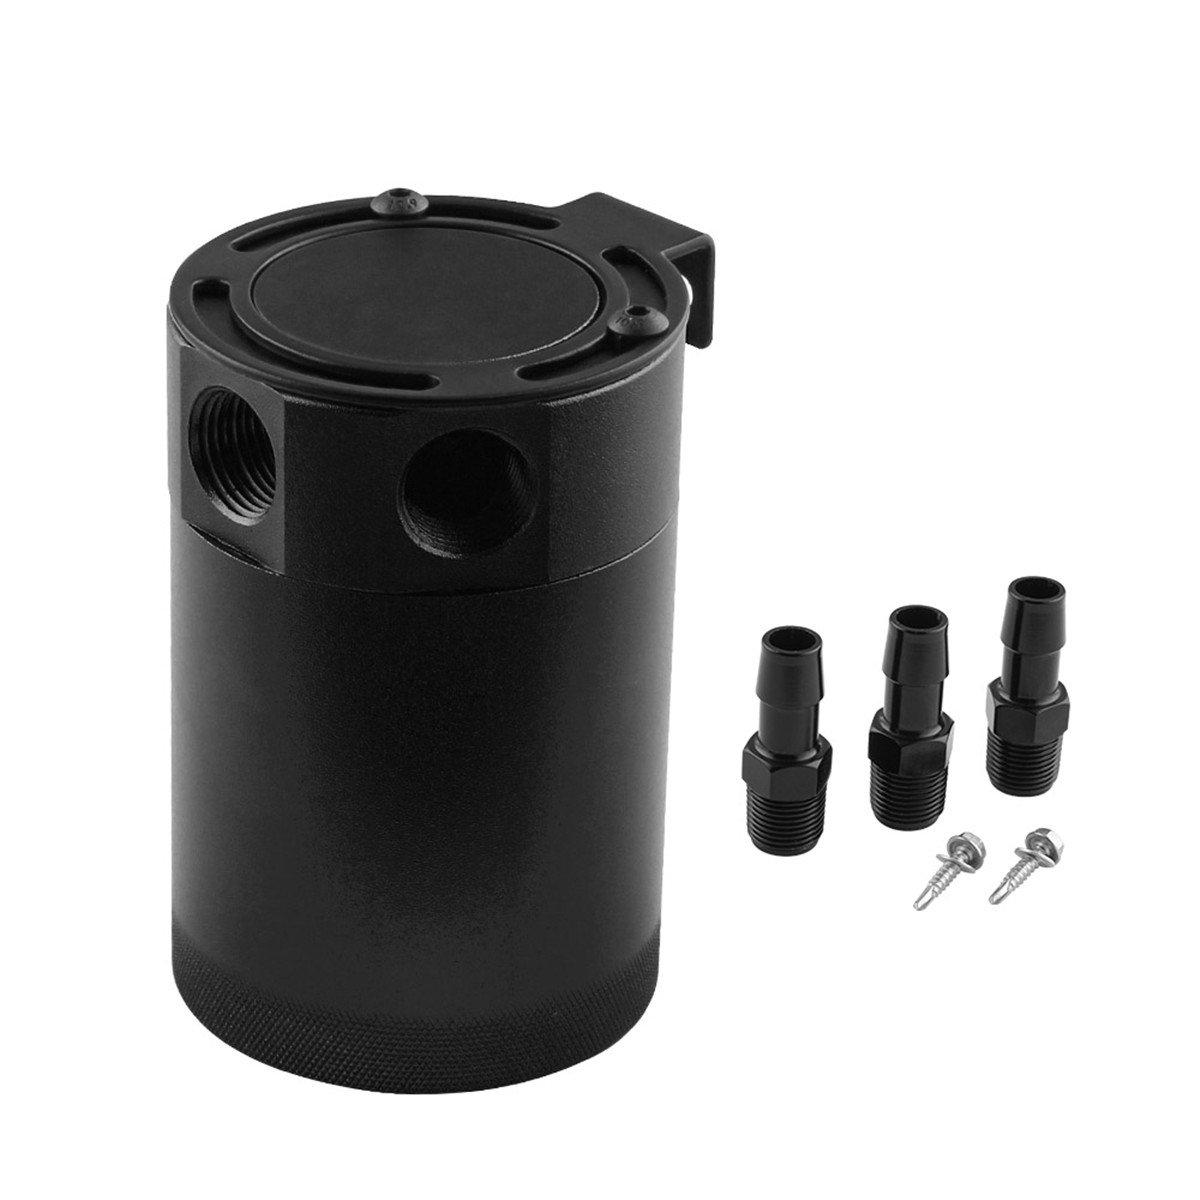 WINOMO 3-Port Auto Ö l Catch Can Tank Aluminium Luft Ö l Separator (zufä llige Farbe) 5704K118NFHX4GB